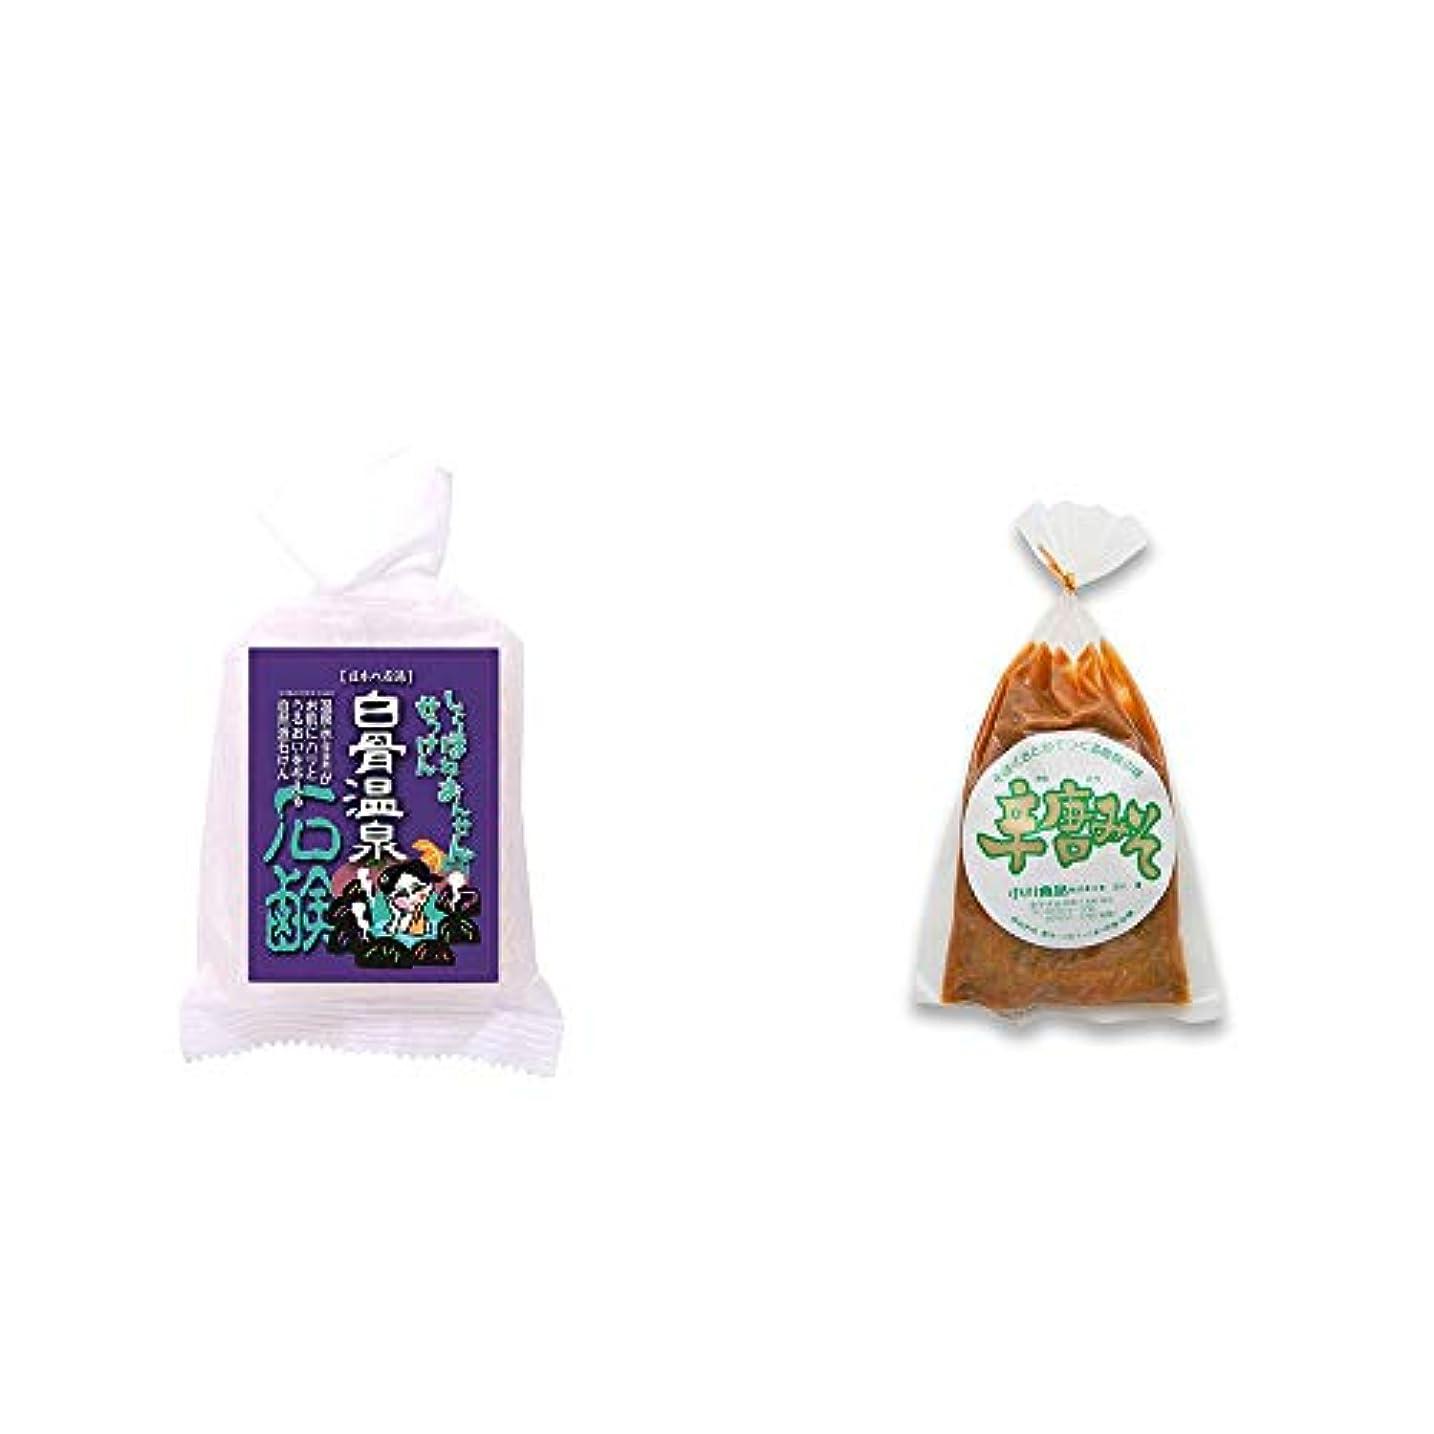 パテ成果繁殖[2点セット] 信州 白骨温泉石鹸(80g)?辛唐みそ(130g)